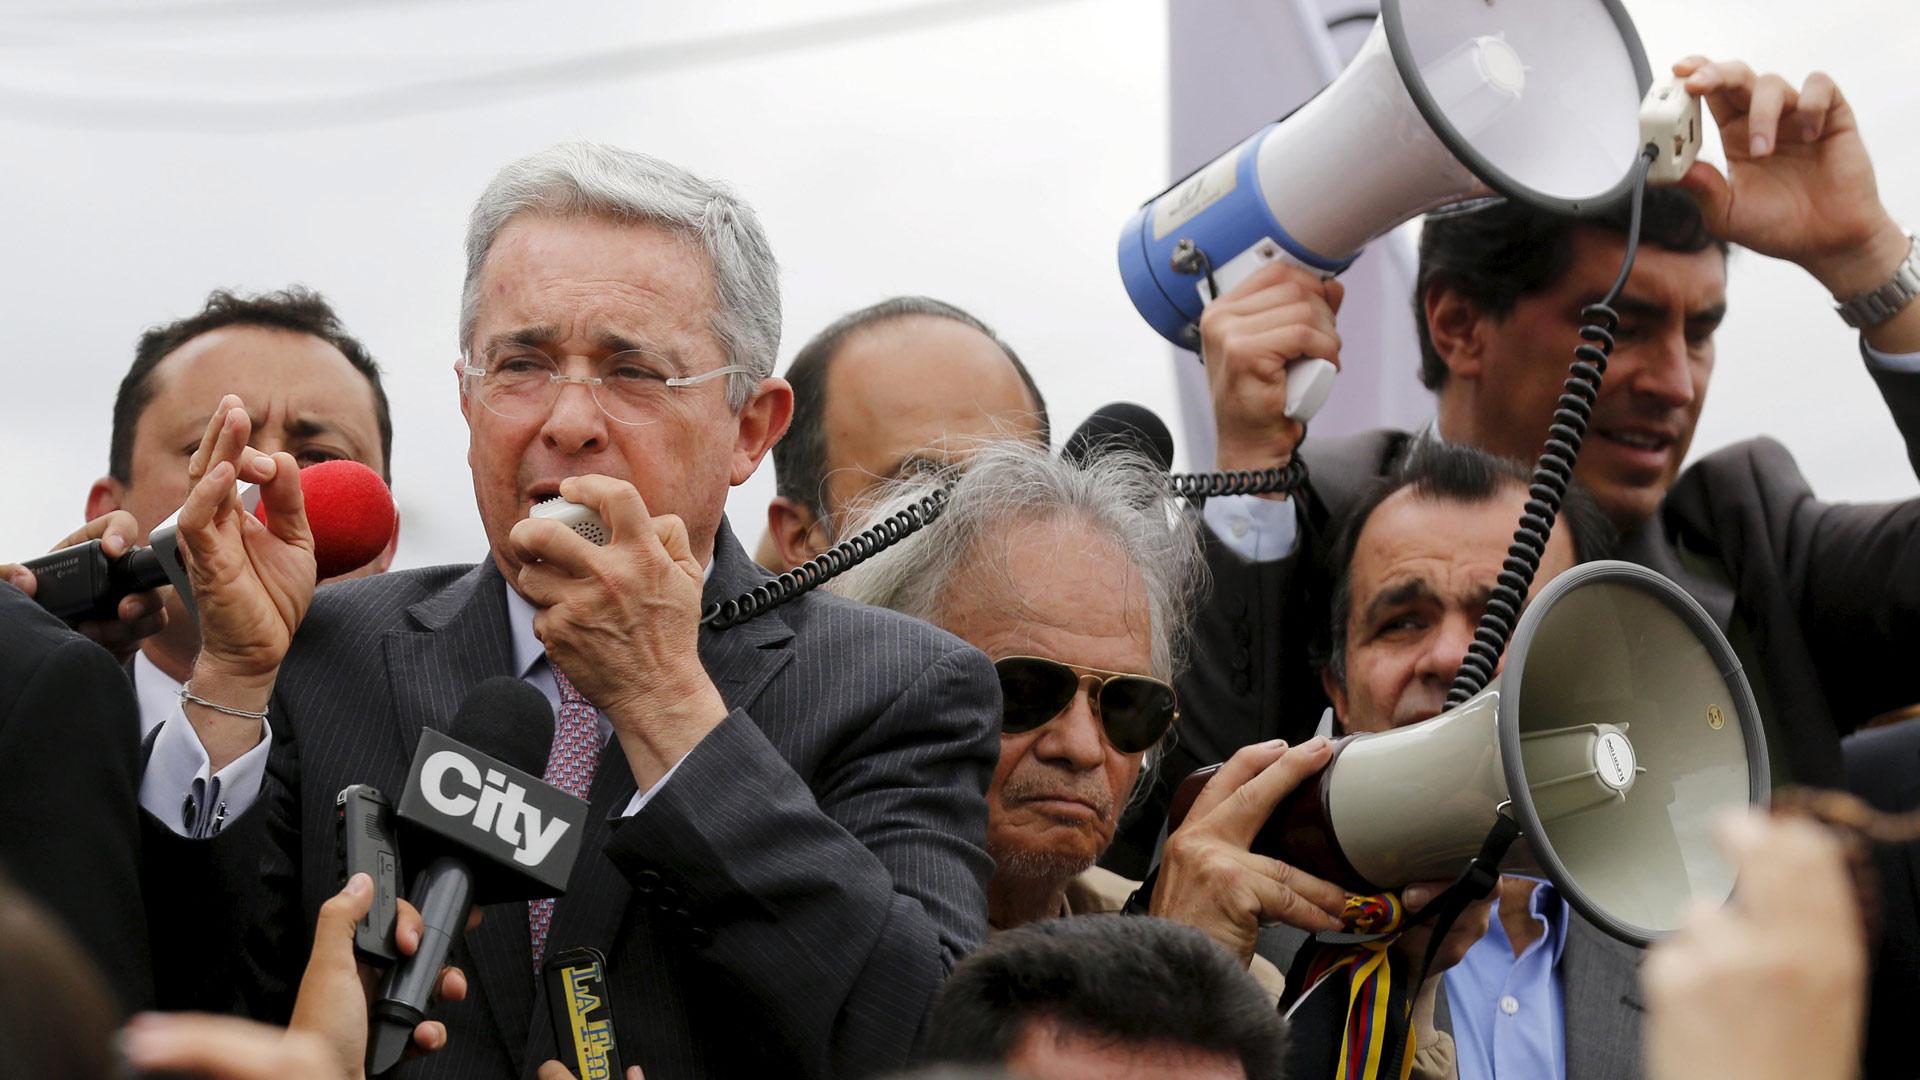 El ex presidente Álvaro Uribe opina que los cabecillas de la guerrilla deben ir a prisión para evitar más violencia